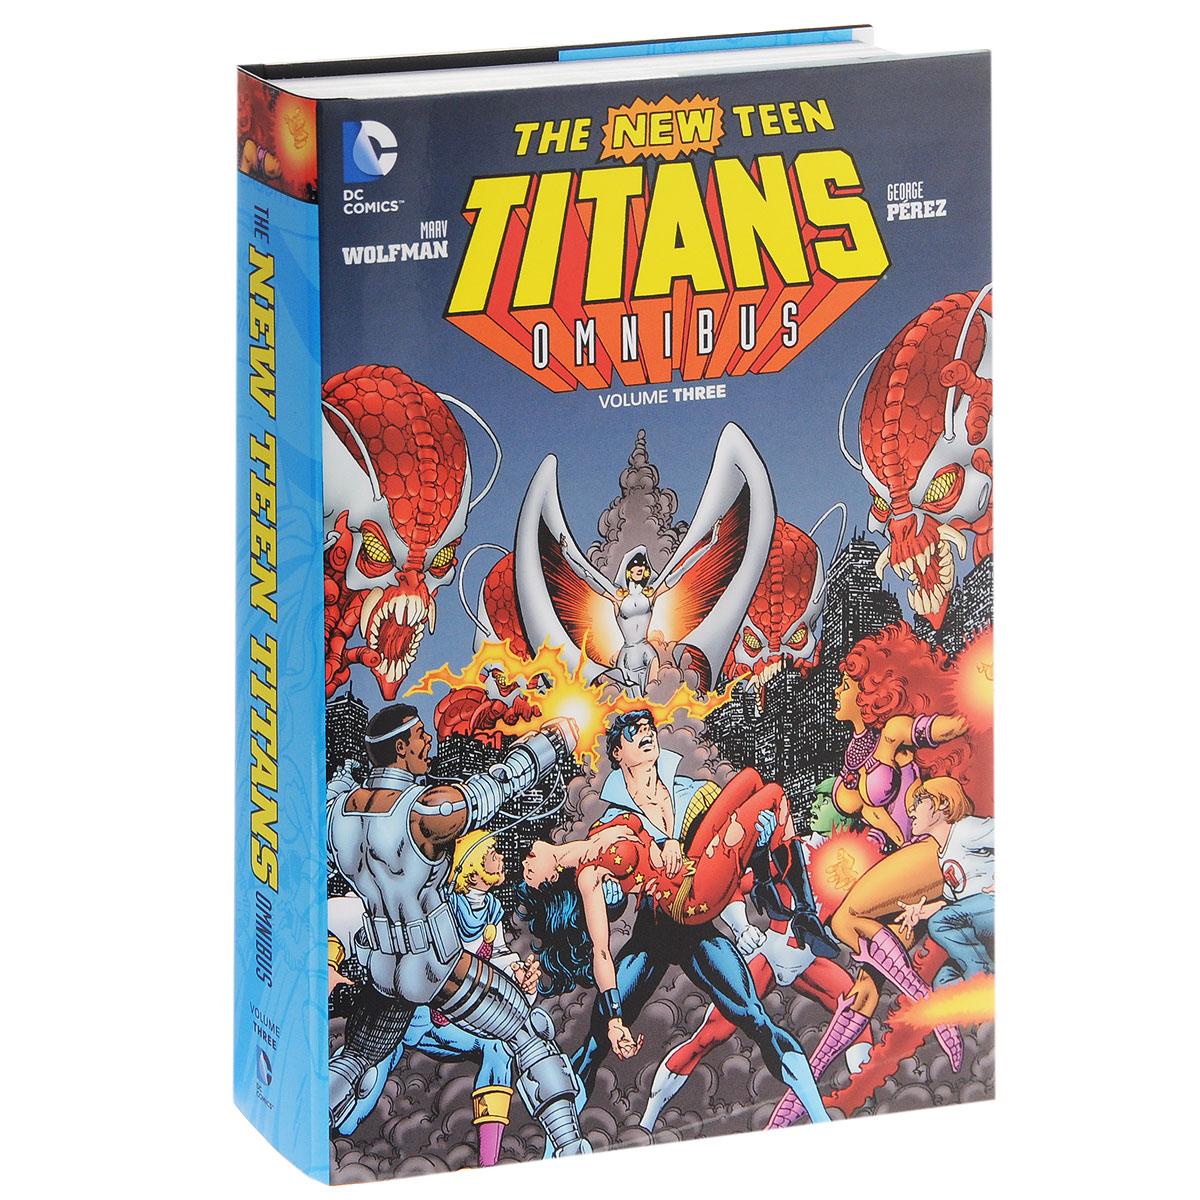 New Teen Titans Omnibus: Volume 3